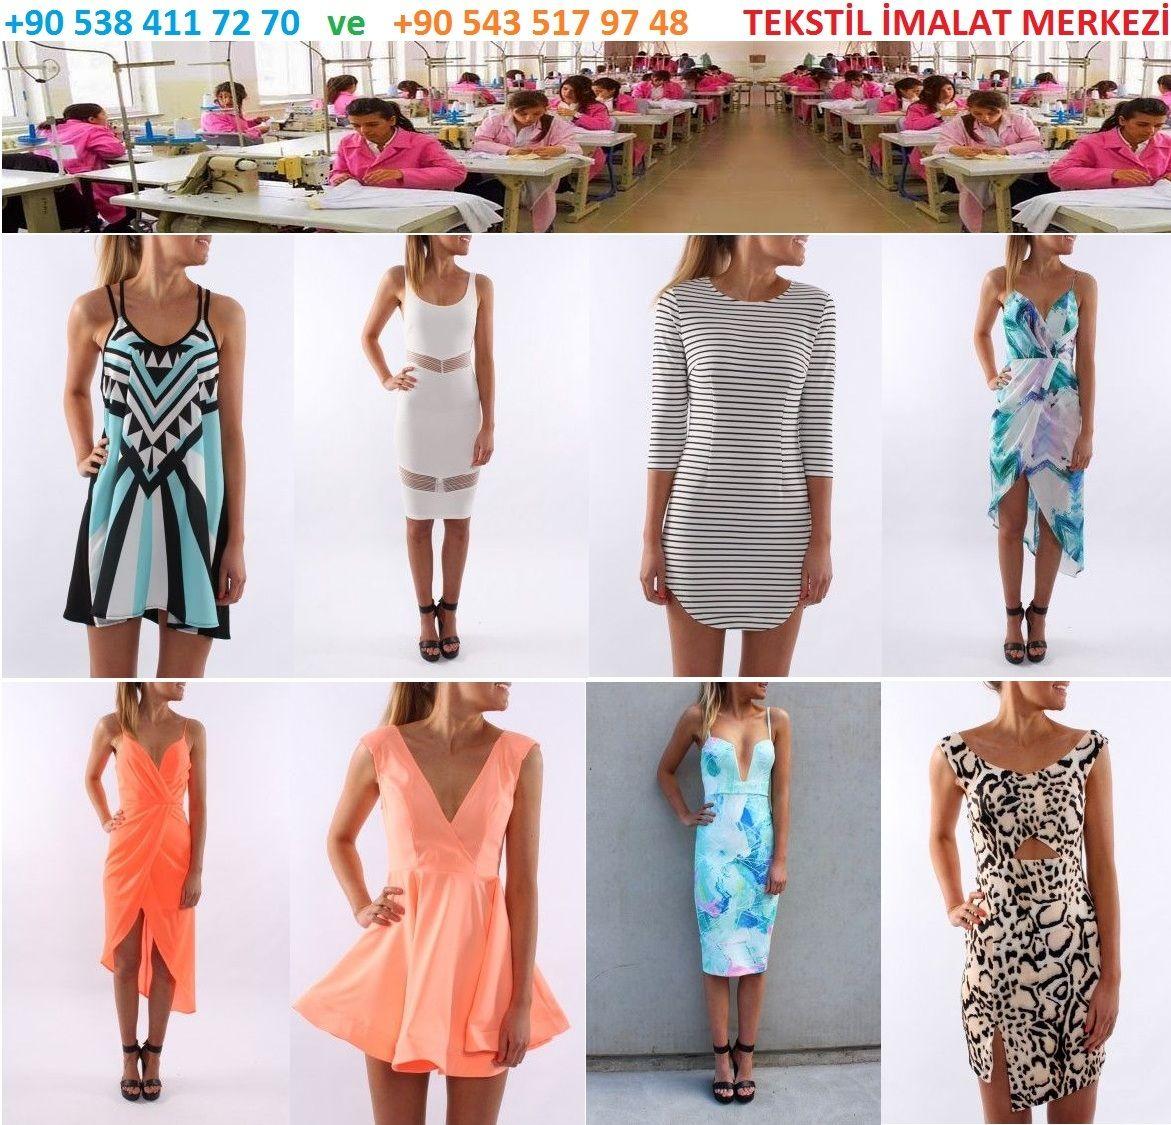 Bayan Elbise Diken Firmalar Bayan Giysileri Uretimi Ve Imalati Yapan Tekstil Sirketleri Kumasiyla Birlikte Clothes For Women Womens Dresses Bohemian Clothes